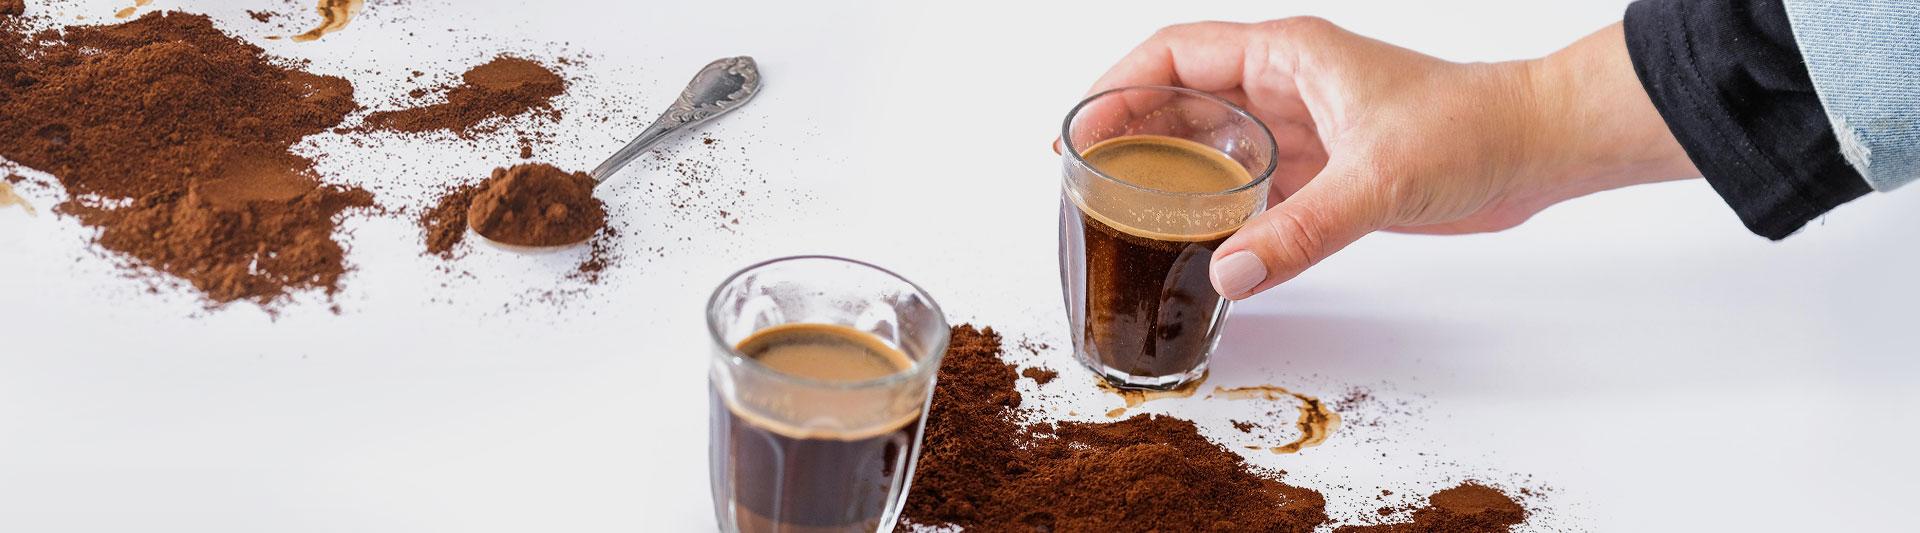 קפה שחור לנדוור